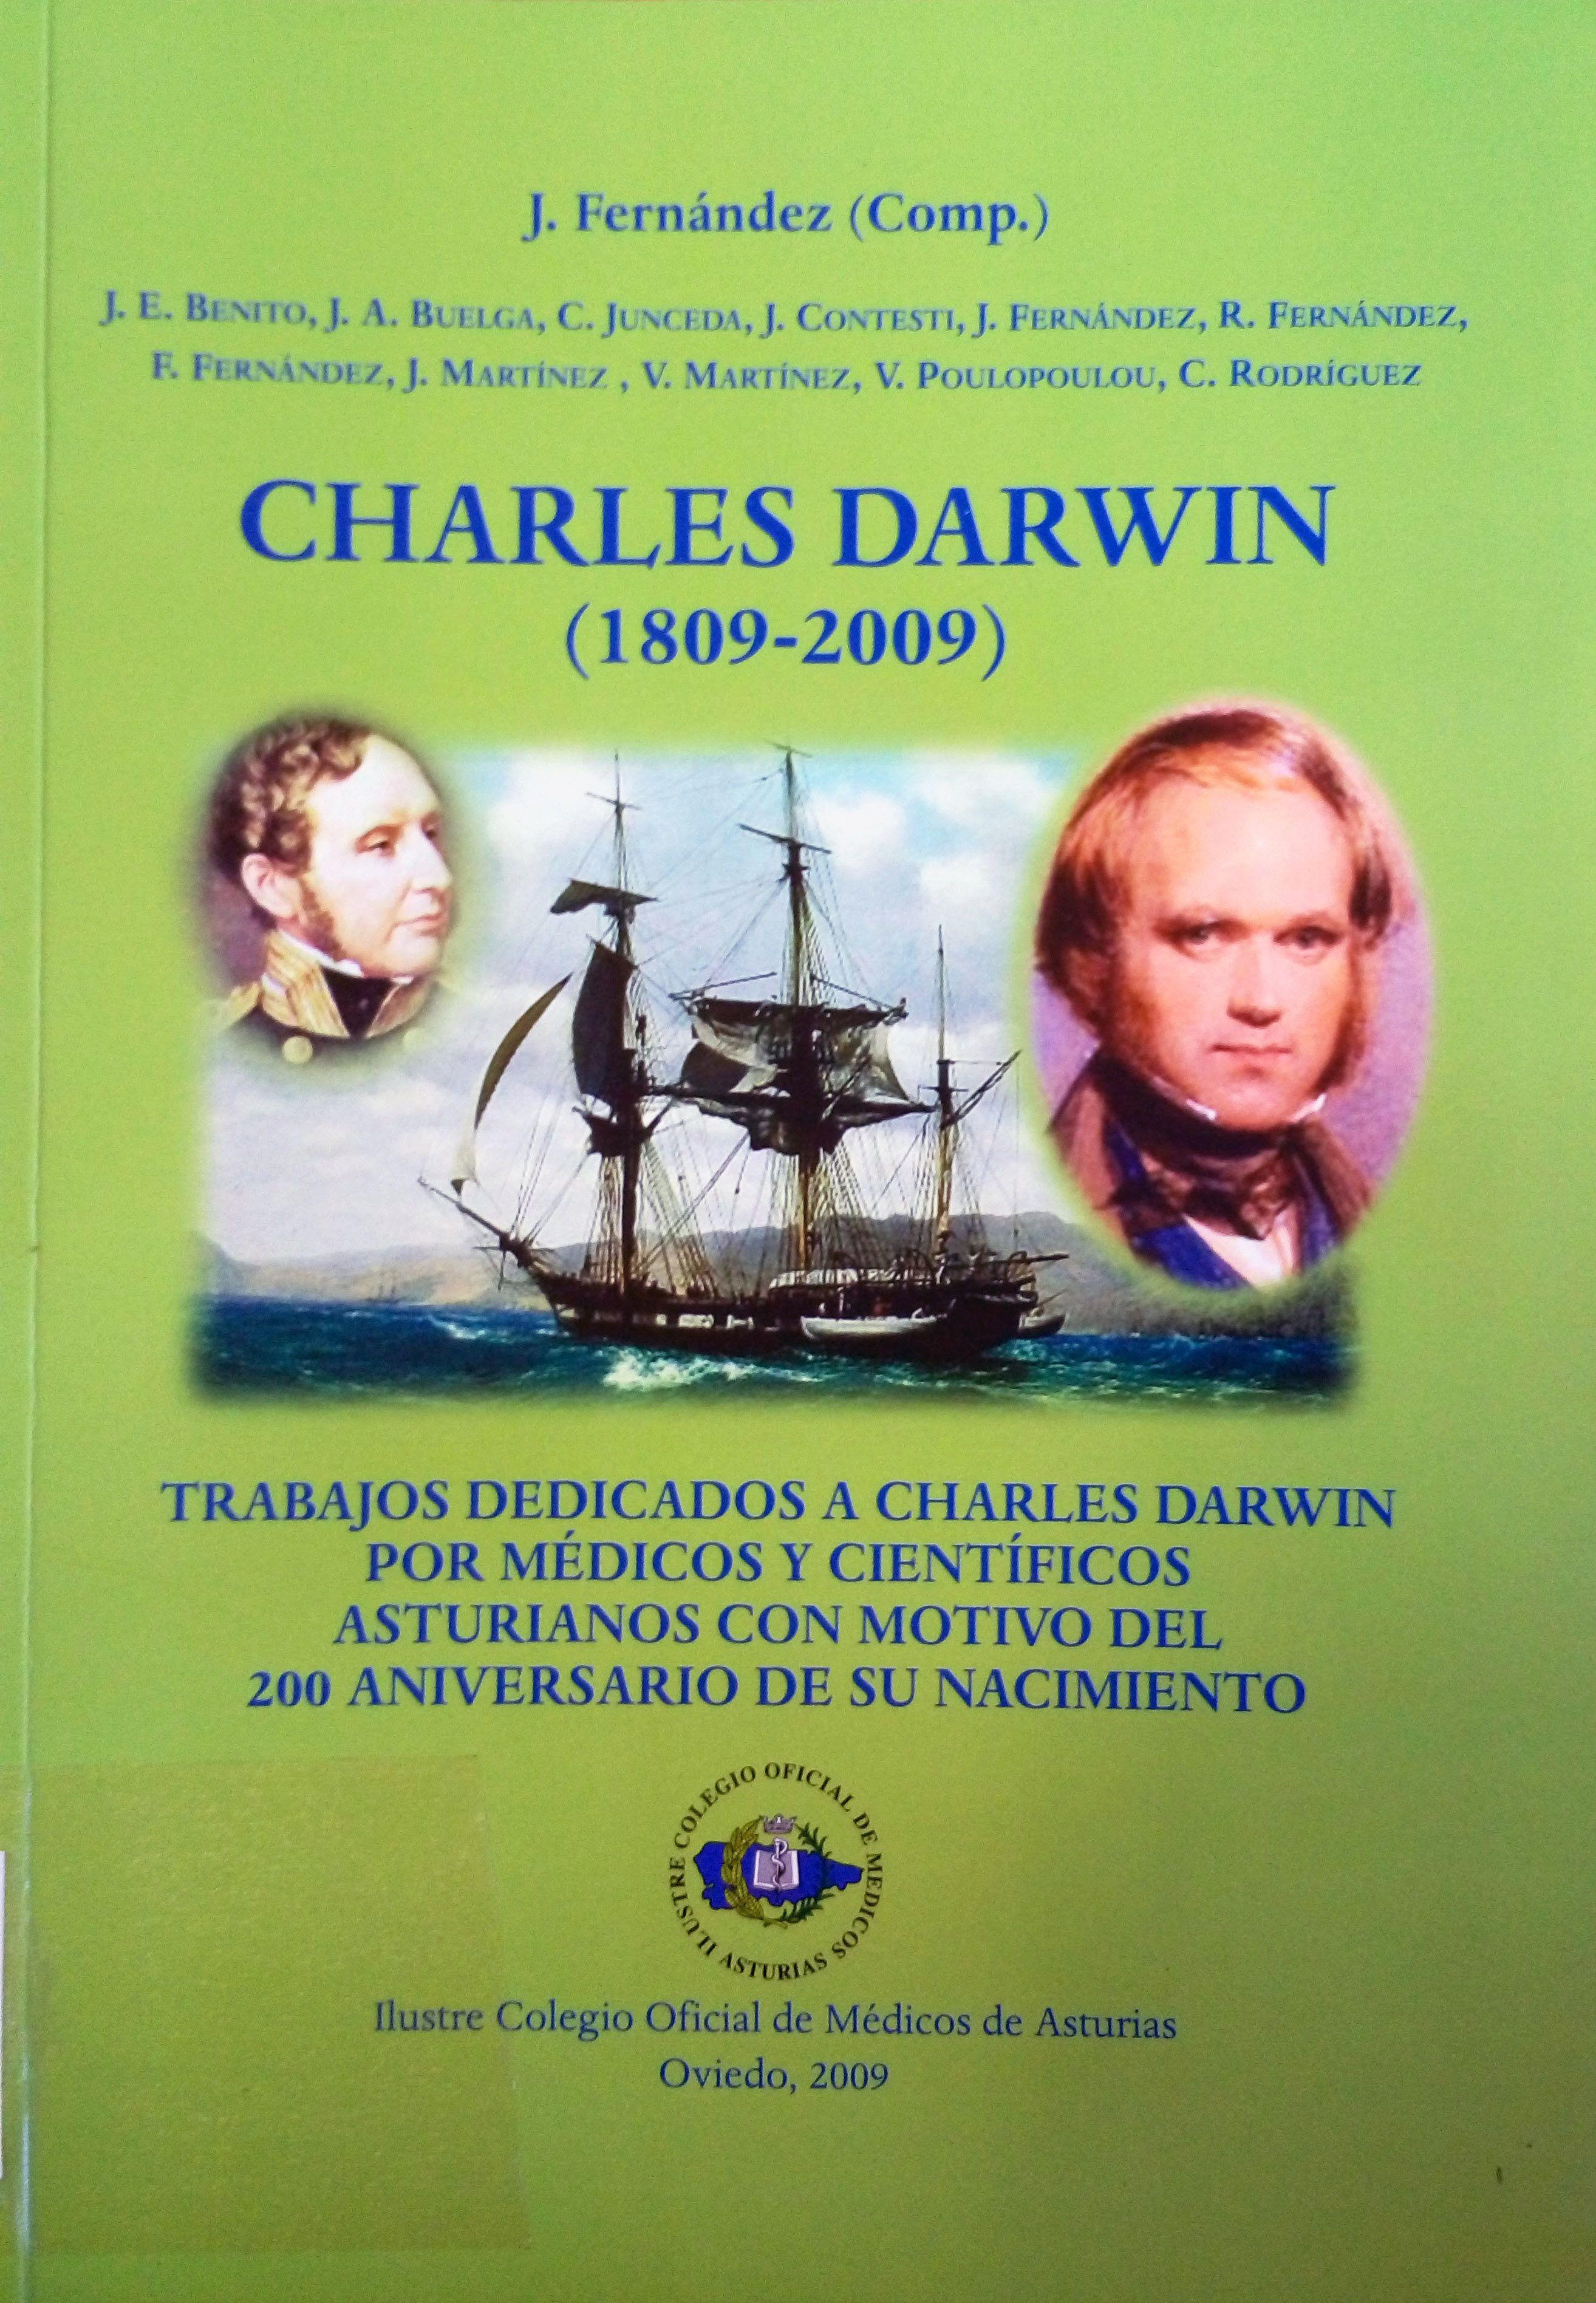 CHARLES DARWIN. (1809-2009). TRABAJOS DEDICADOS A CHARLES DARWIN POR MEDICOS Y CIENTIFICOS ASTURIANOS CON MOTIVO DEL 200 ANIVERSARIO DE SU NACIMIENTO. ILUSTRE COLEGIO OFICIAL DE MEDICOS DE ASTURIAS. OVIEDO, 2009. RUSTICA CON SOLAPA. 248 PAGINAS. CON ILUSTRACIONES.